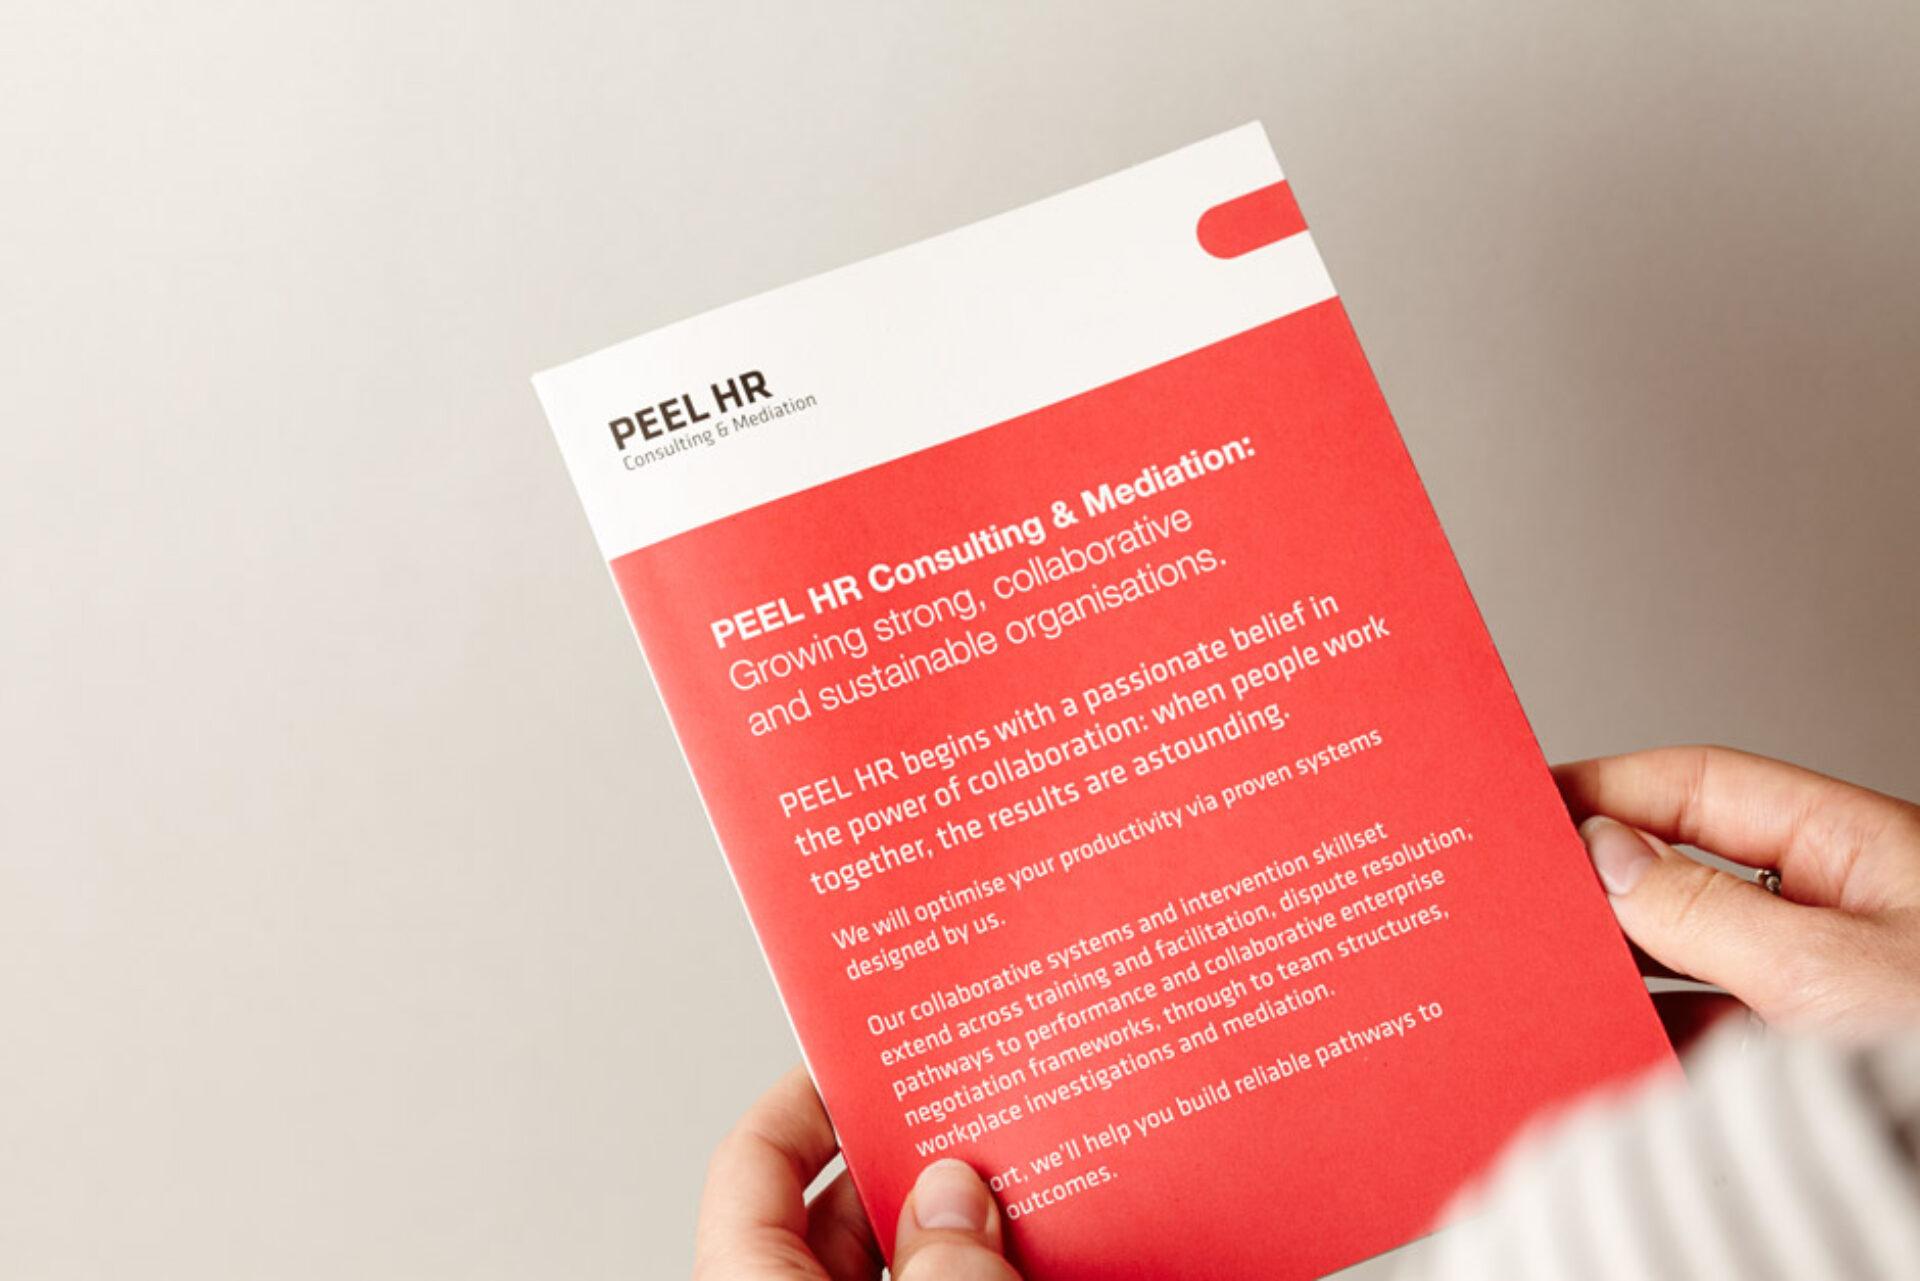 Peel hr 05